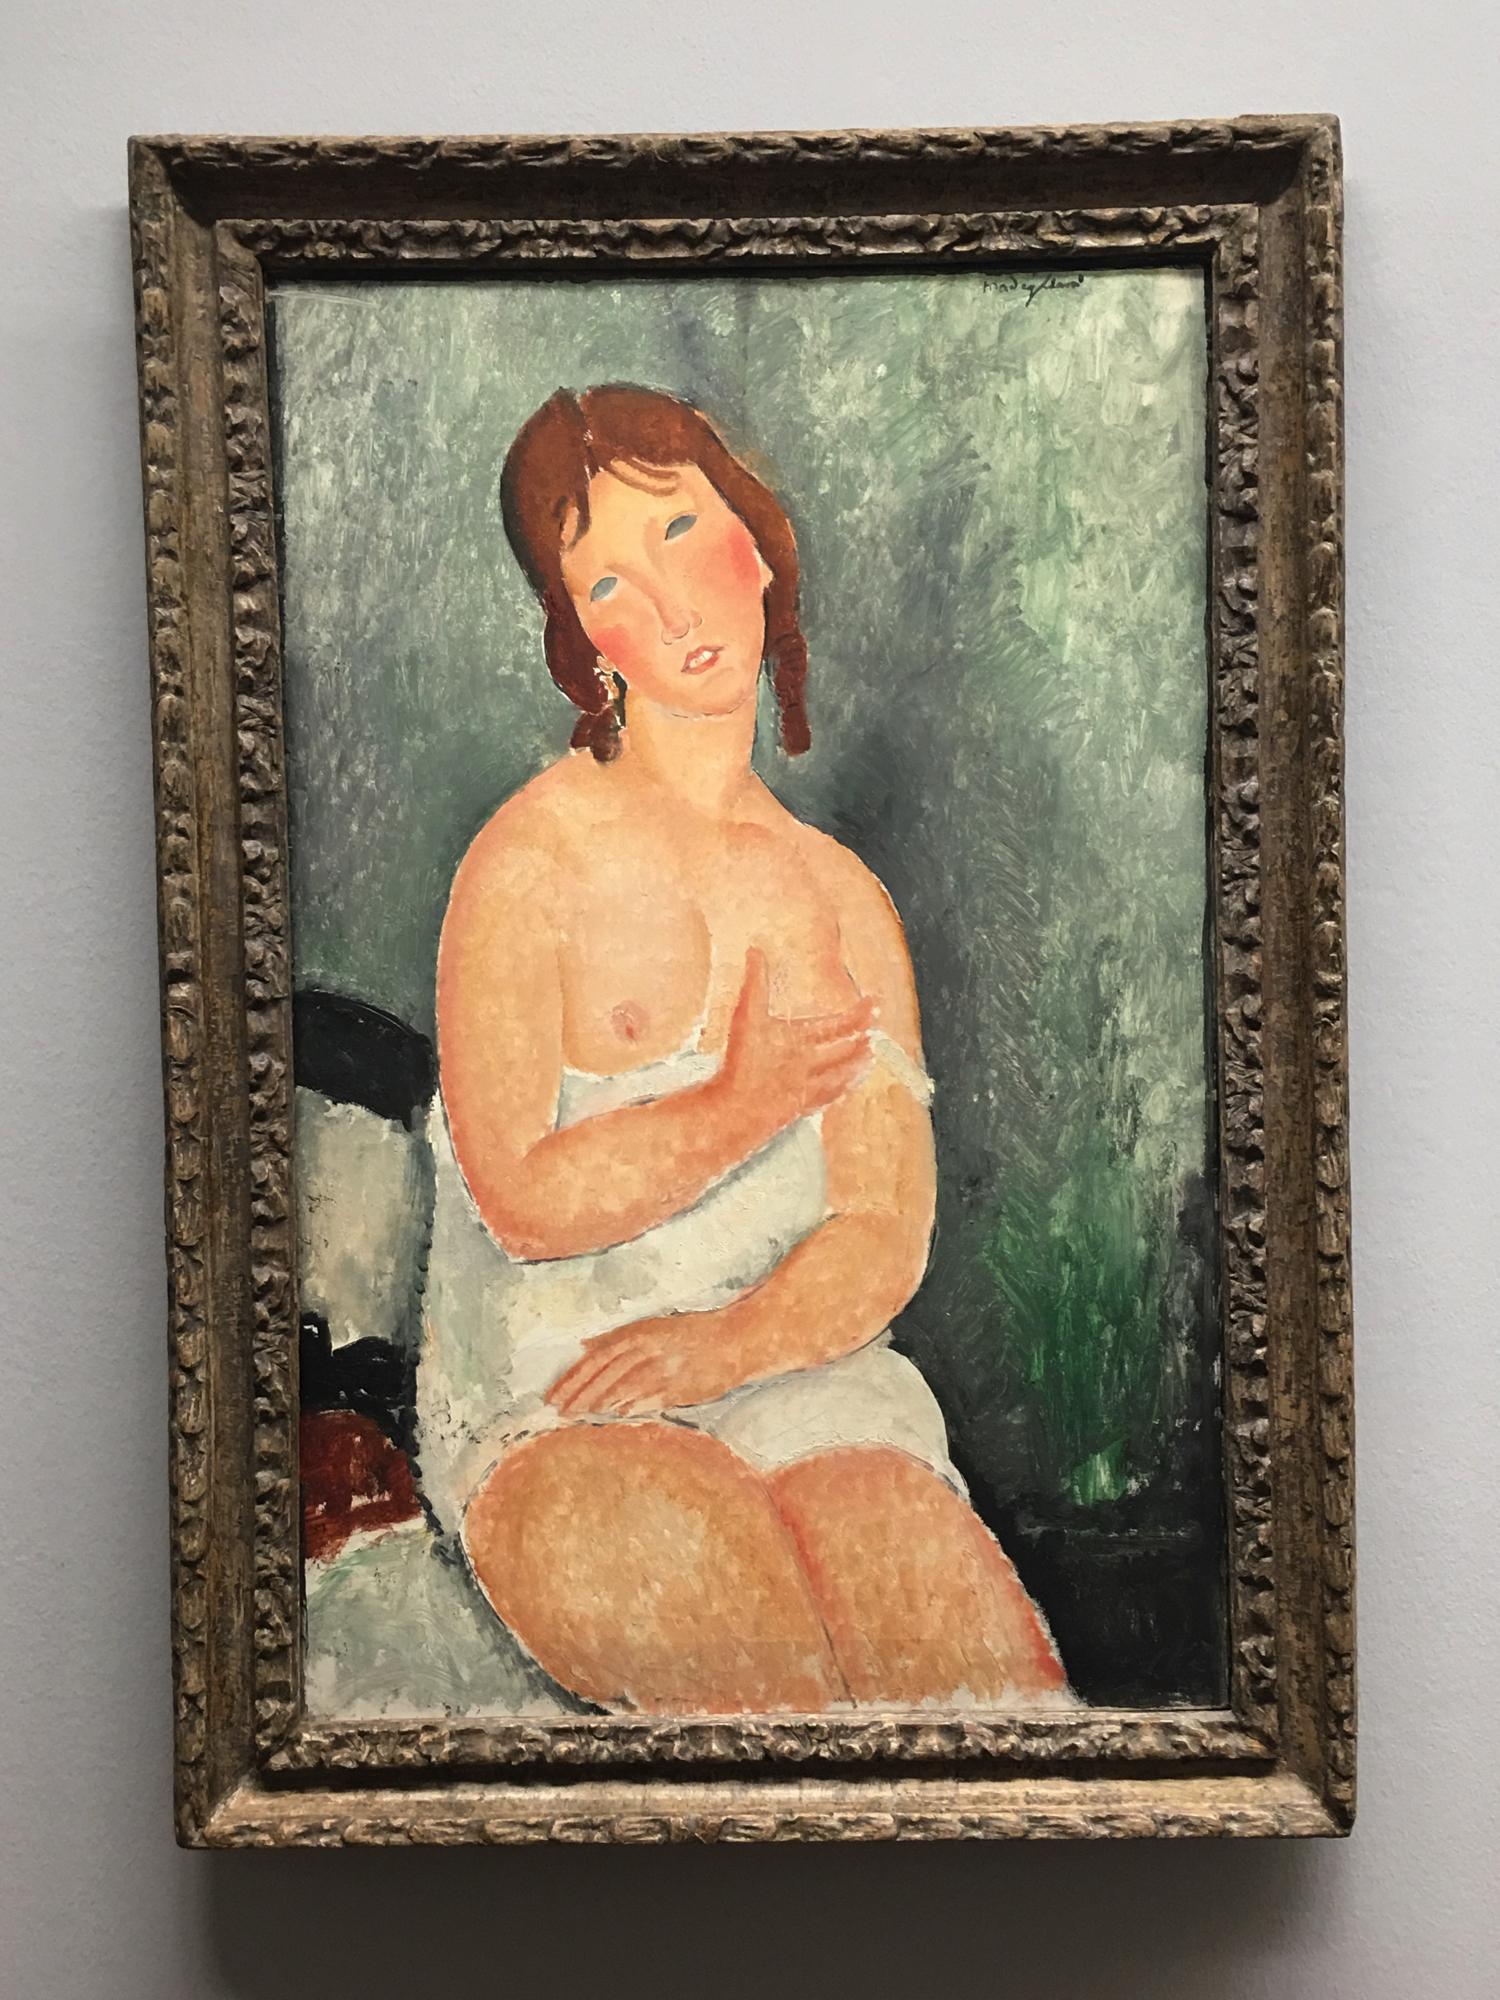 Amedeo Modigliani, Female Semi-Nude, 1918, Collezione Batliner, Albertina Museum, Vienna